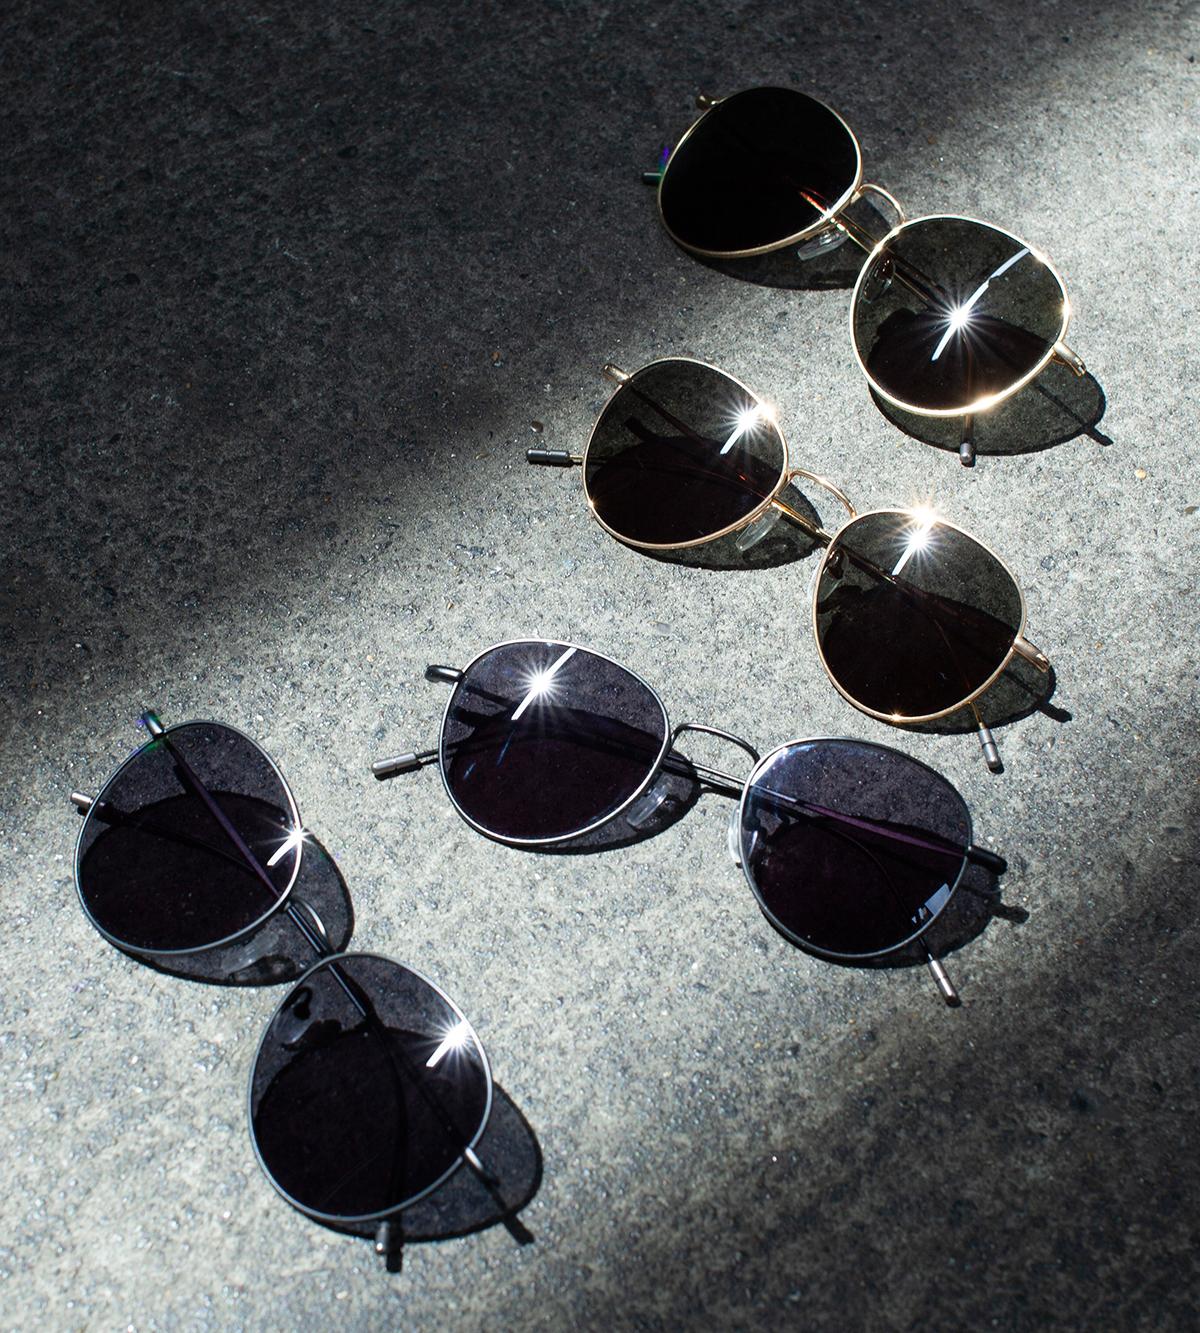 ファッションアイテムとして着用するだけではなく、瞳の保護のためにも役立てられる。風船で浮くほど軽い、フィット感抜群、踏んでも元に戻るβチタンフレームのサングラス|RAWROW R SUN